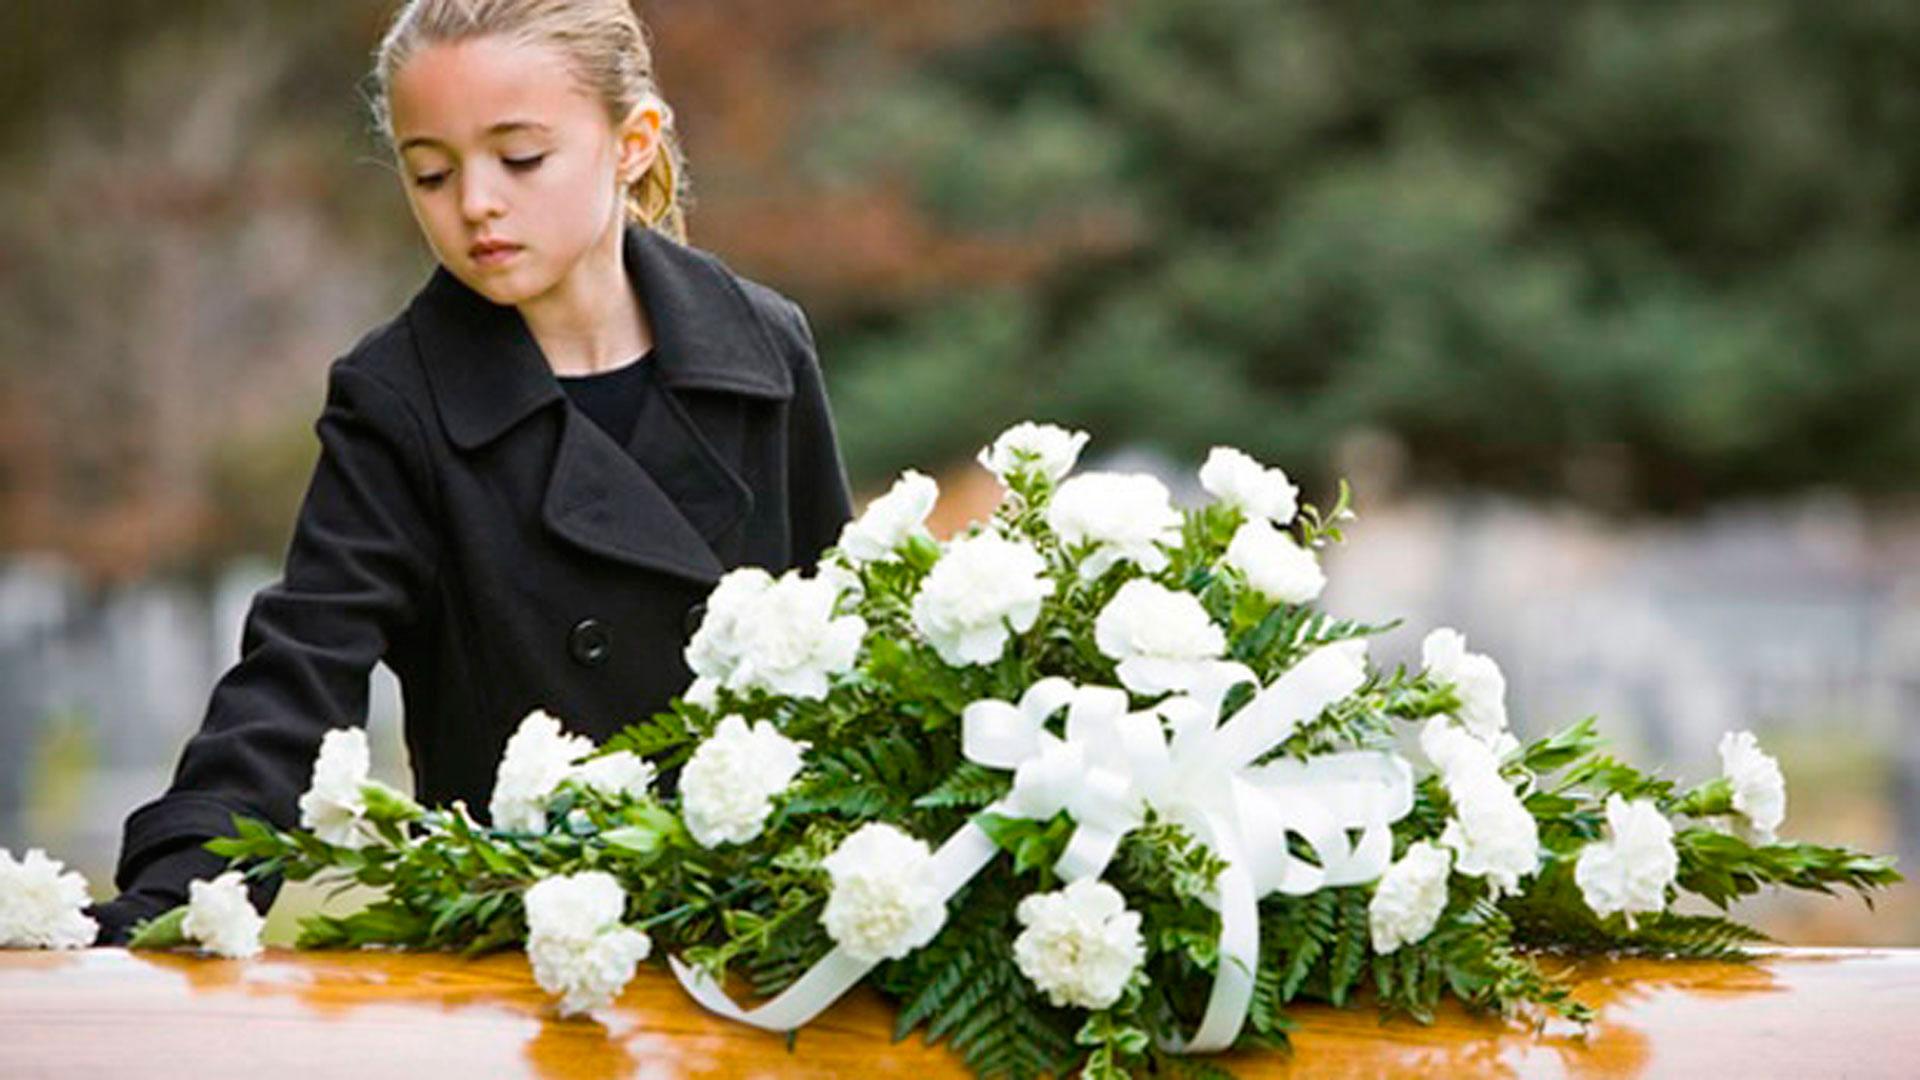 Los-niños-deben-asistir-a-los-entierros-1920